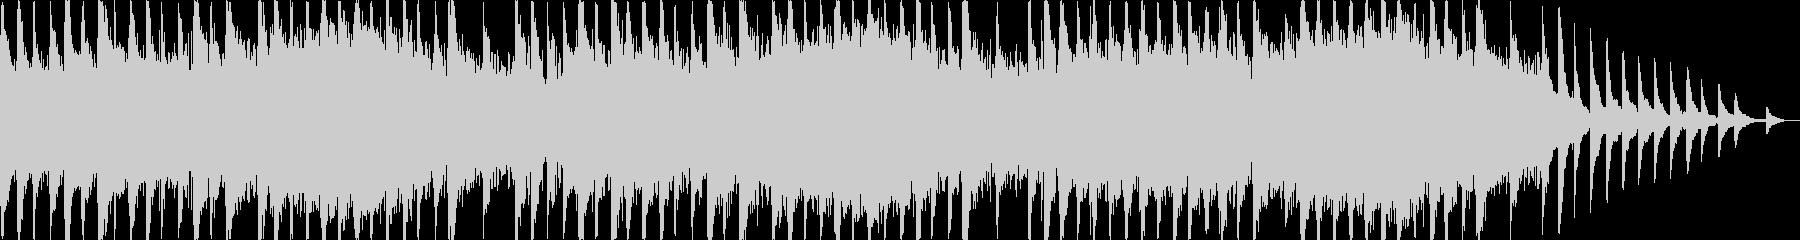 ピアノメインのホラー系BGMの未再生の波形